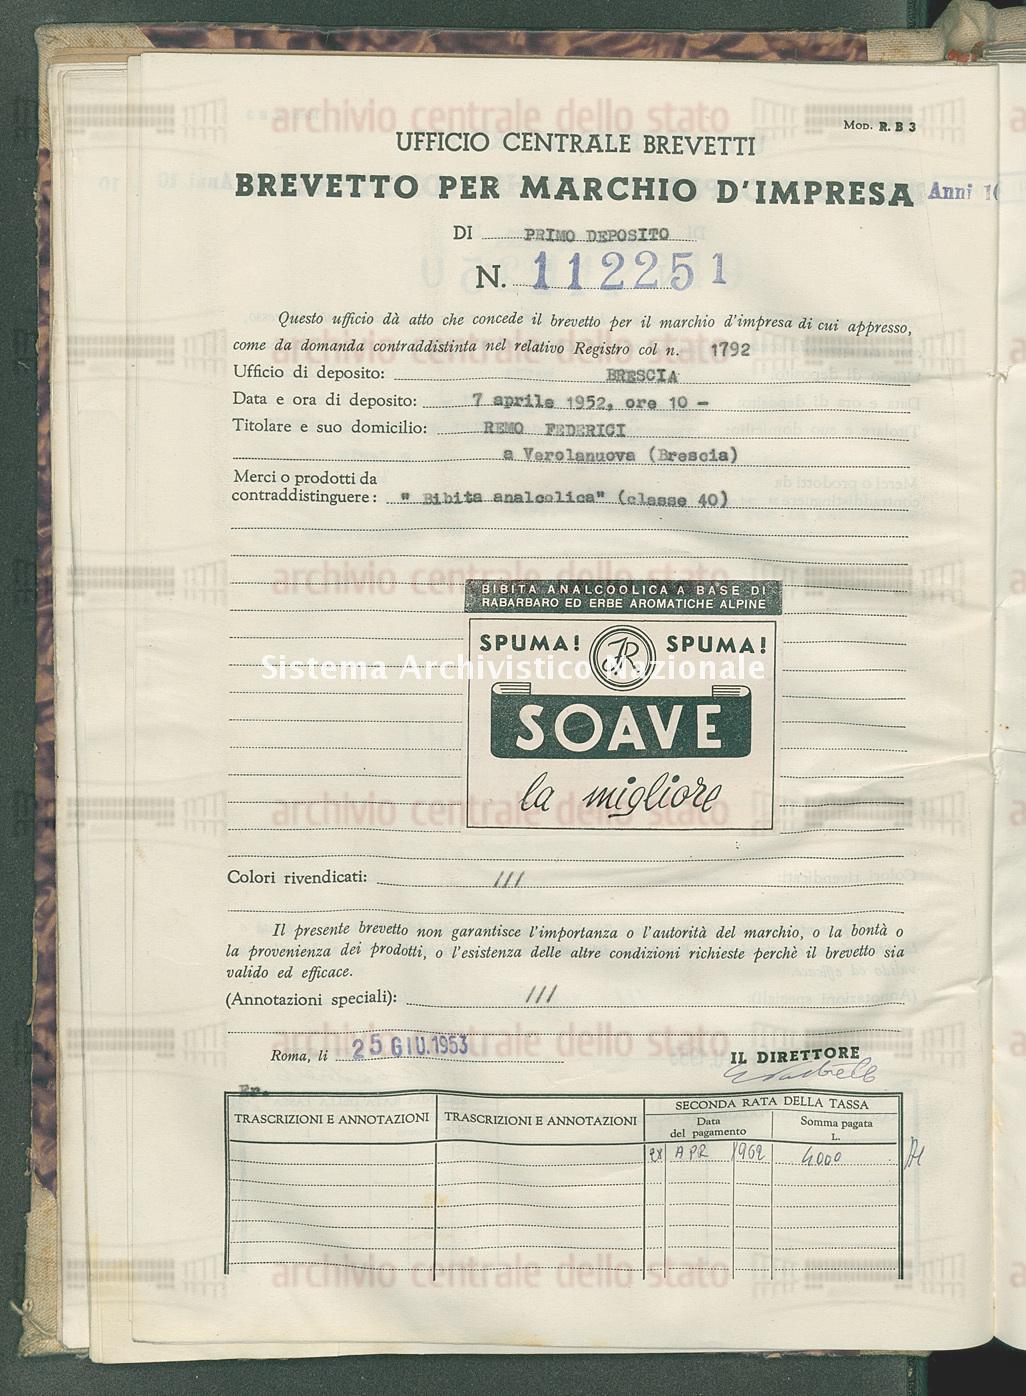 'Bibita analcolica' Remo Federici (25/06/1953)